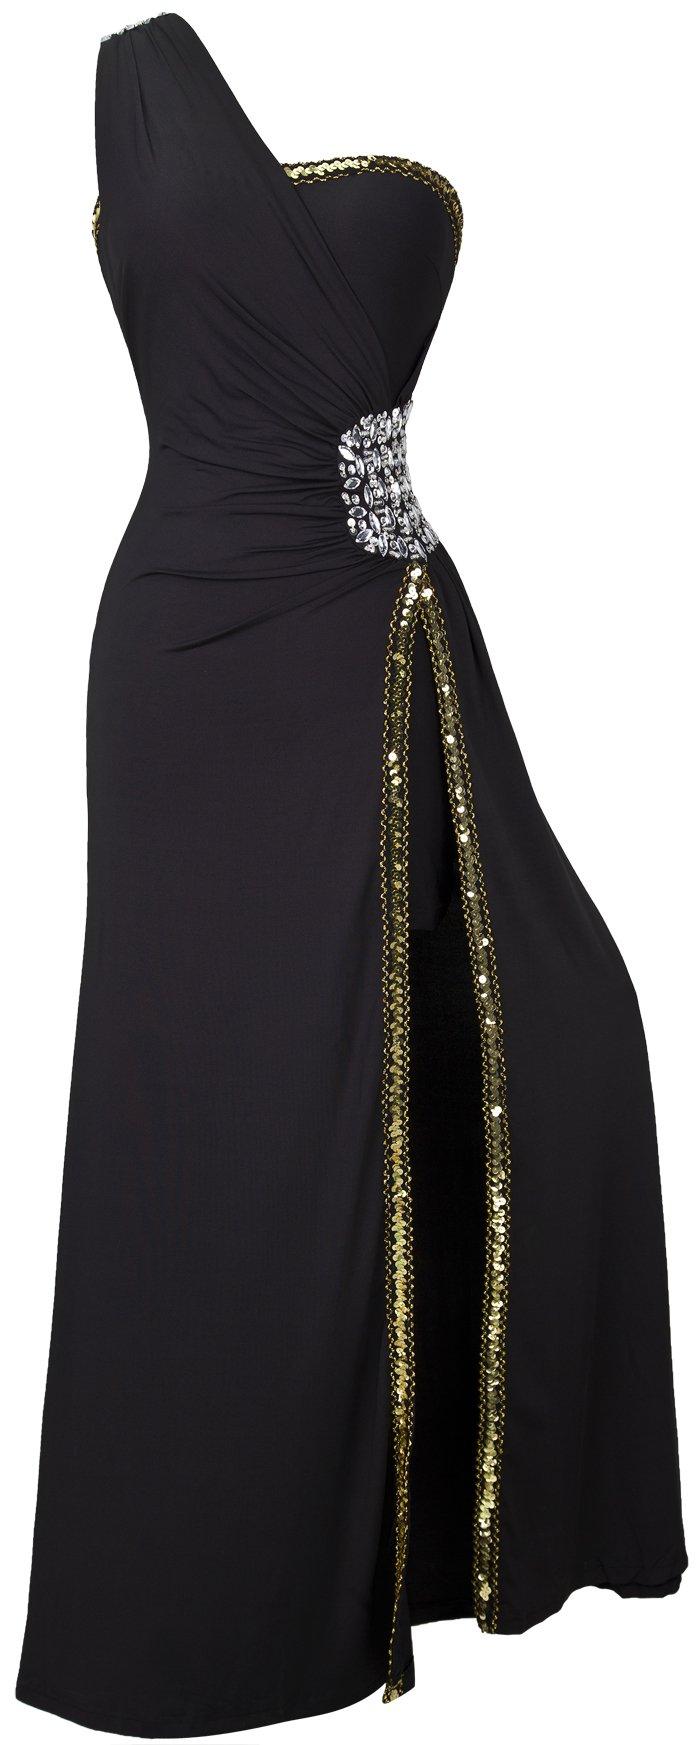 Angel-fashions Women's One Shoulder Split Pelumn Prom Evening Dress Large